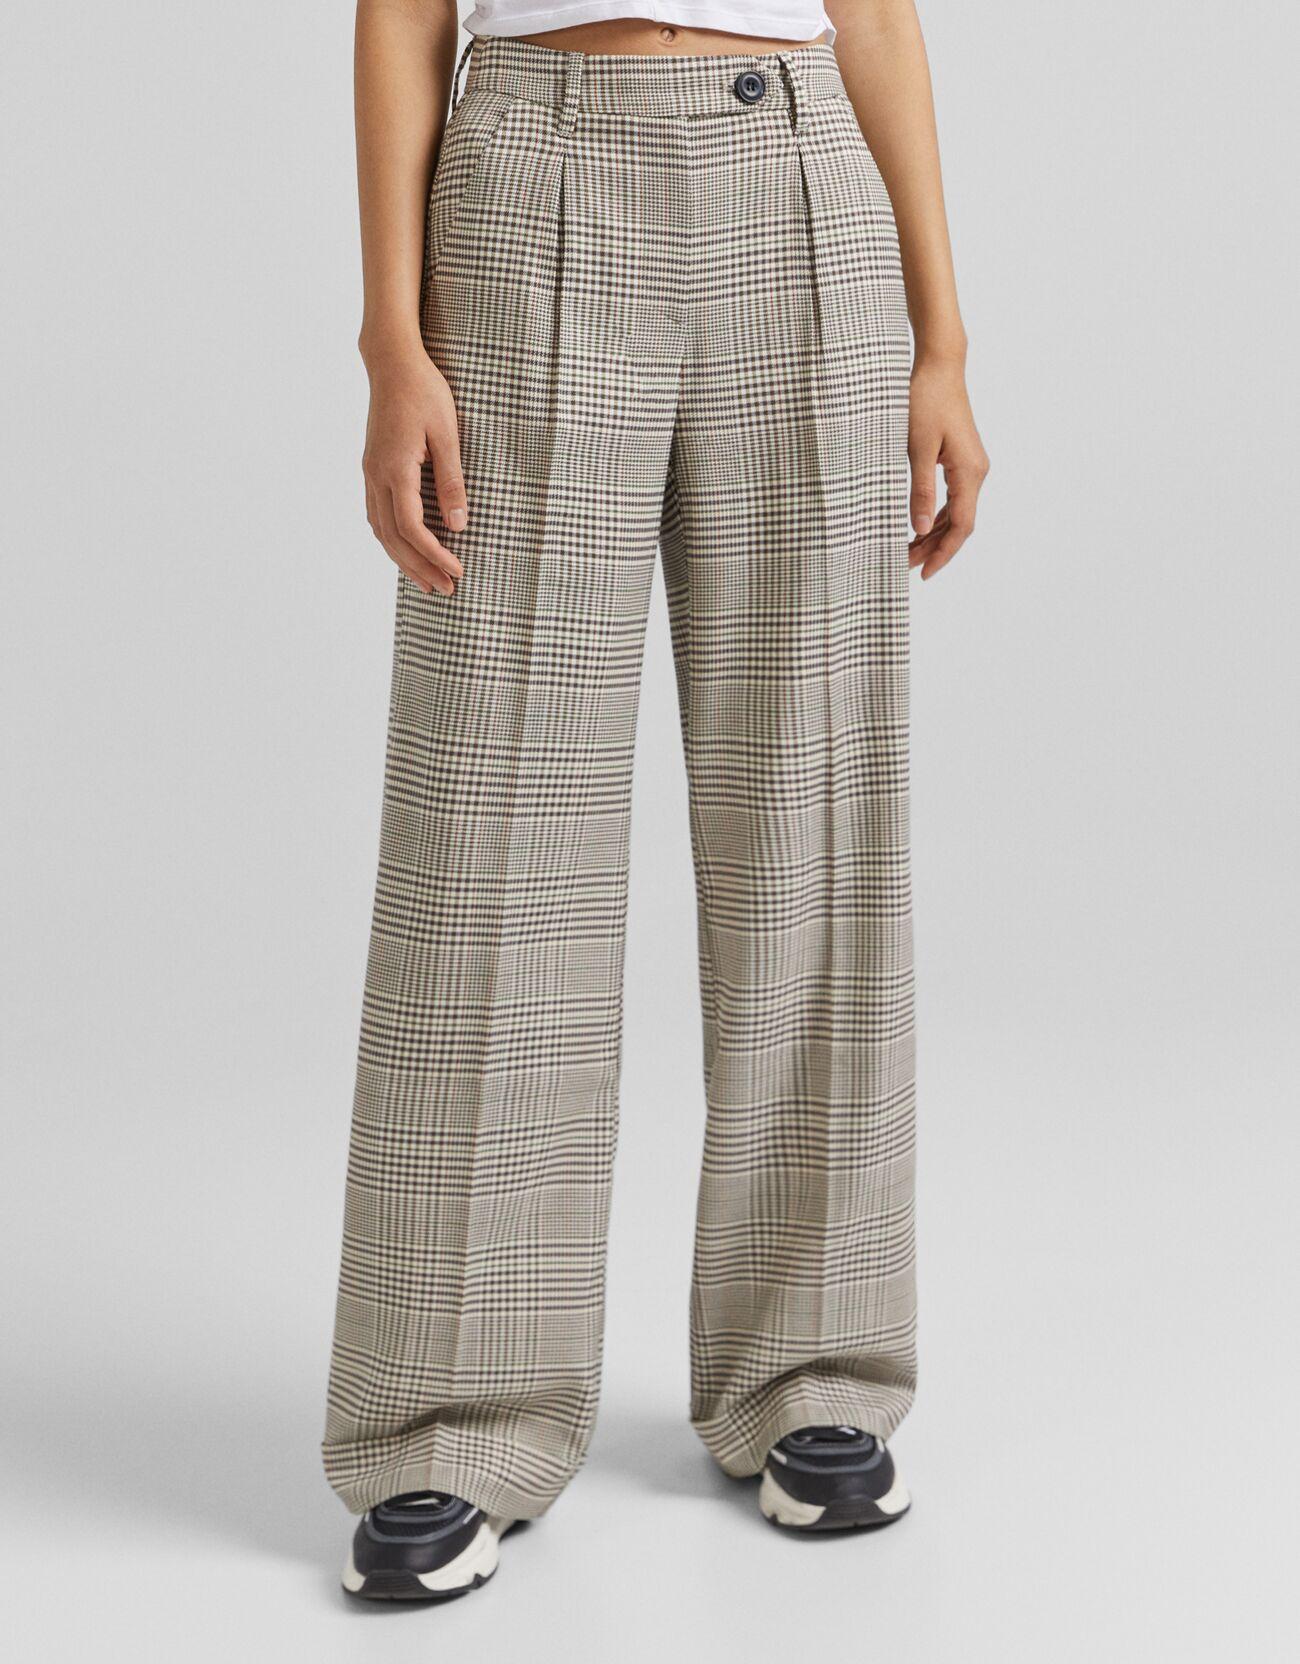 Pantalón wide leg cintura alta